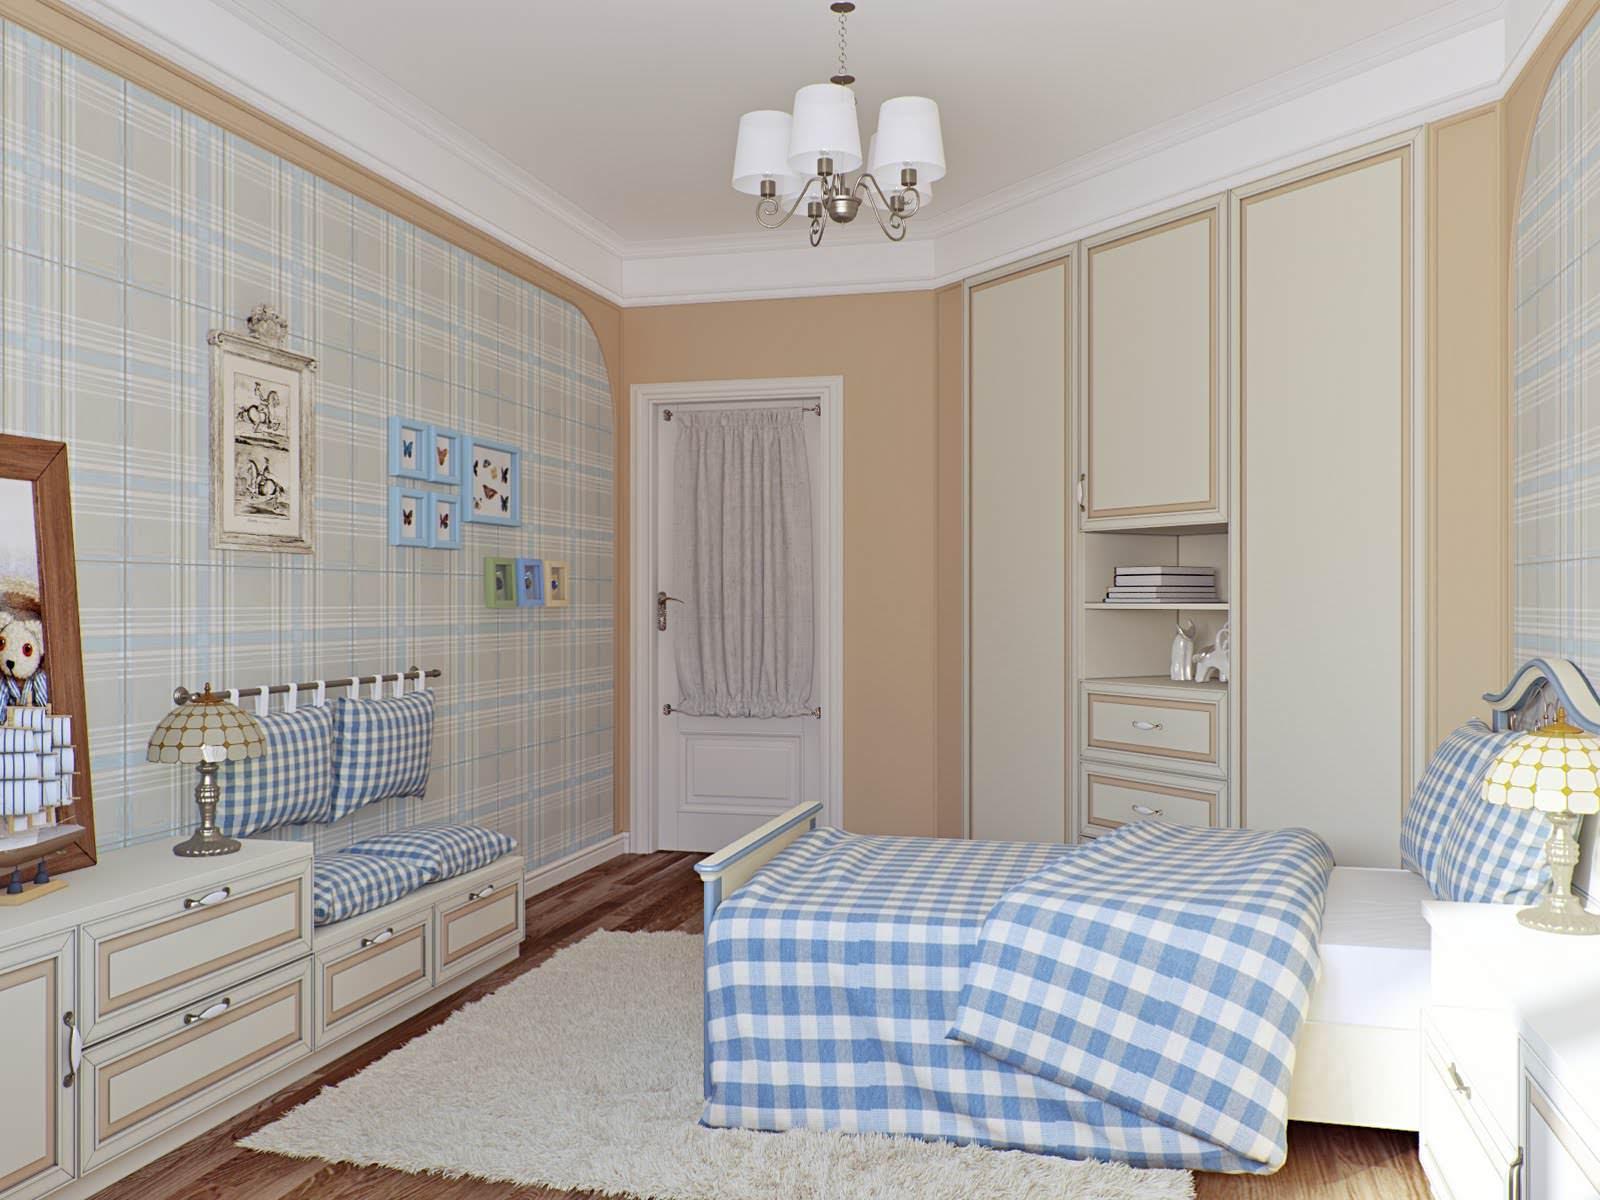 Детская комната в стиле кантри фото